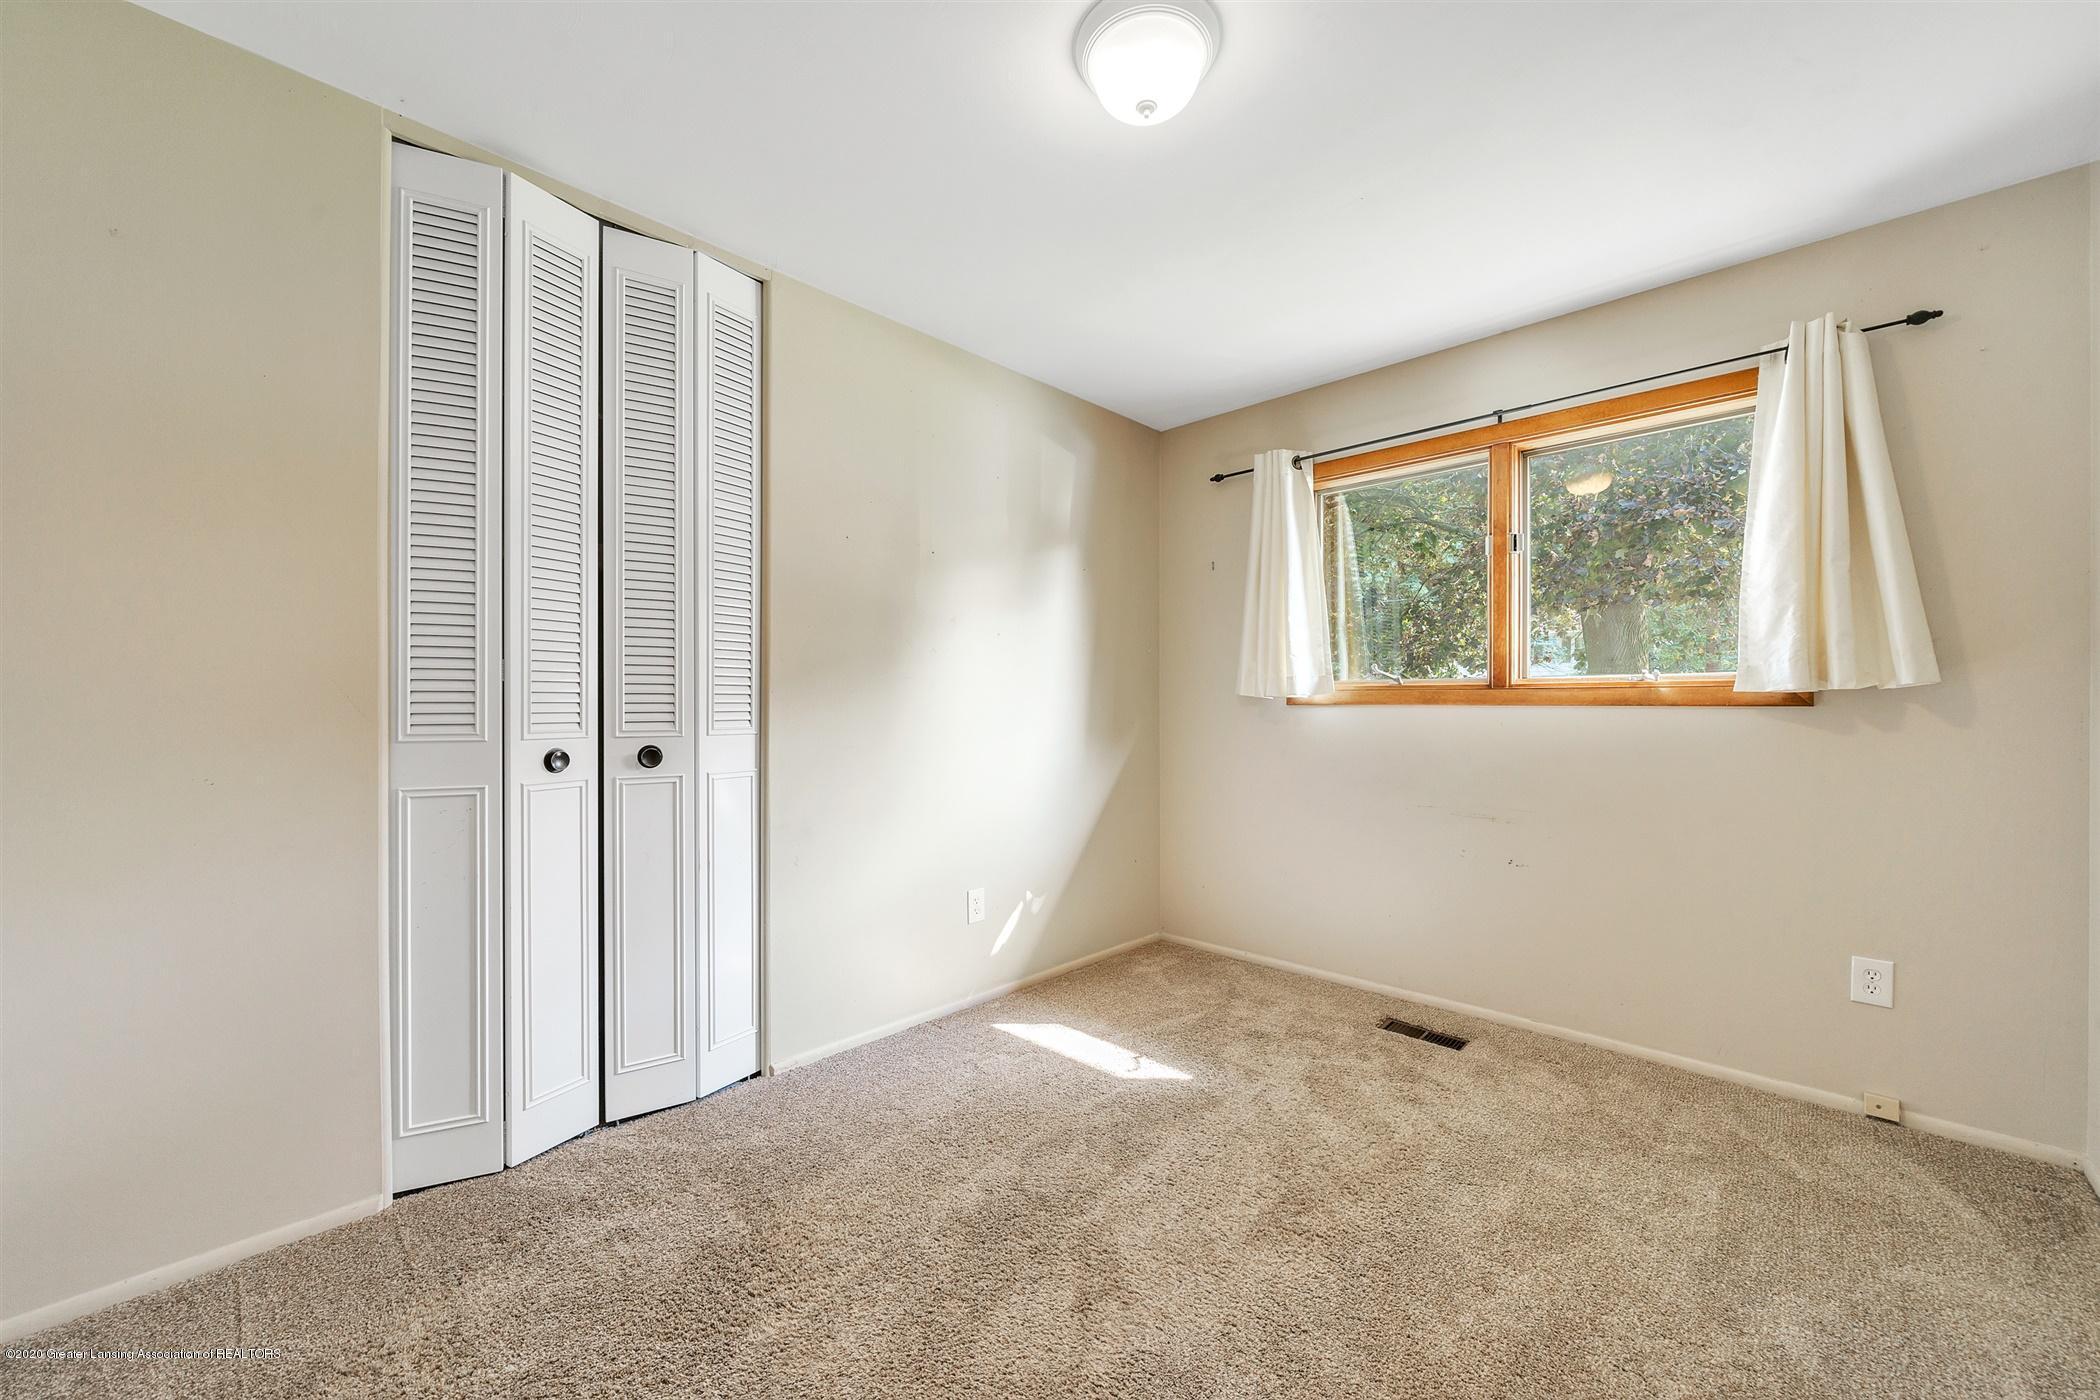 4557 Seneca Dr - (16) MAIN FLOOR Bedroom 1 - 16